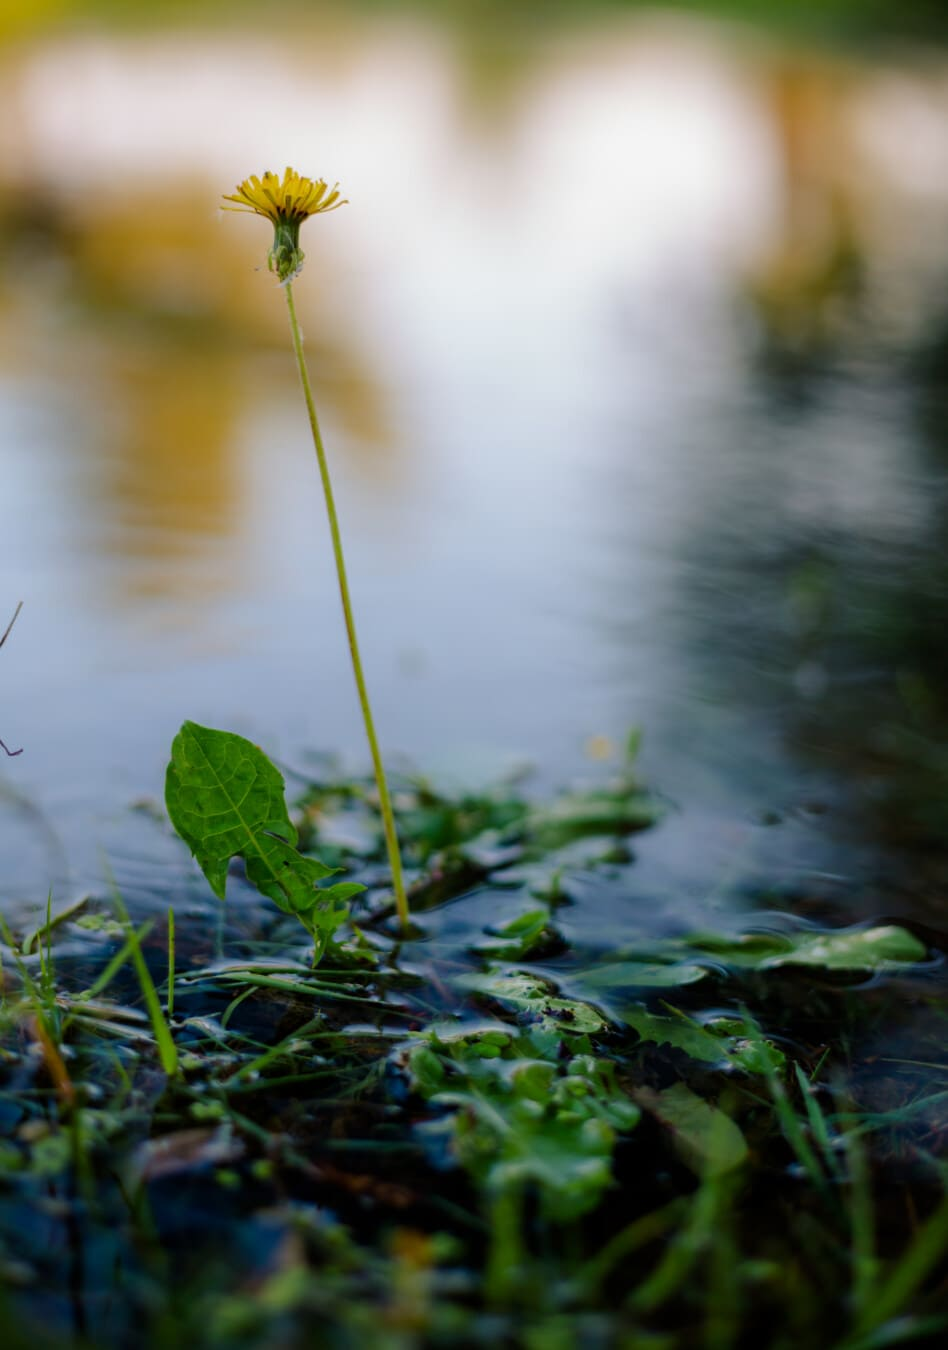 maskros, åstranden, översvämning, flodslätt, vatten, Anläggningen, vattenlevande, vattenlevande växter, floden, landskap